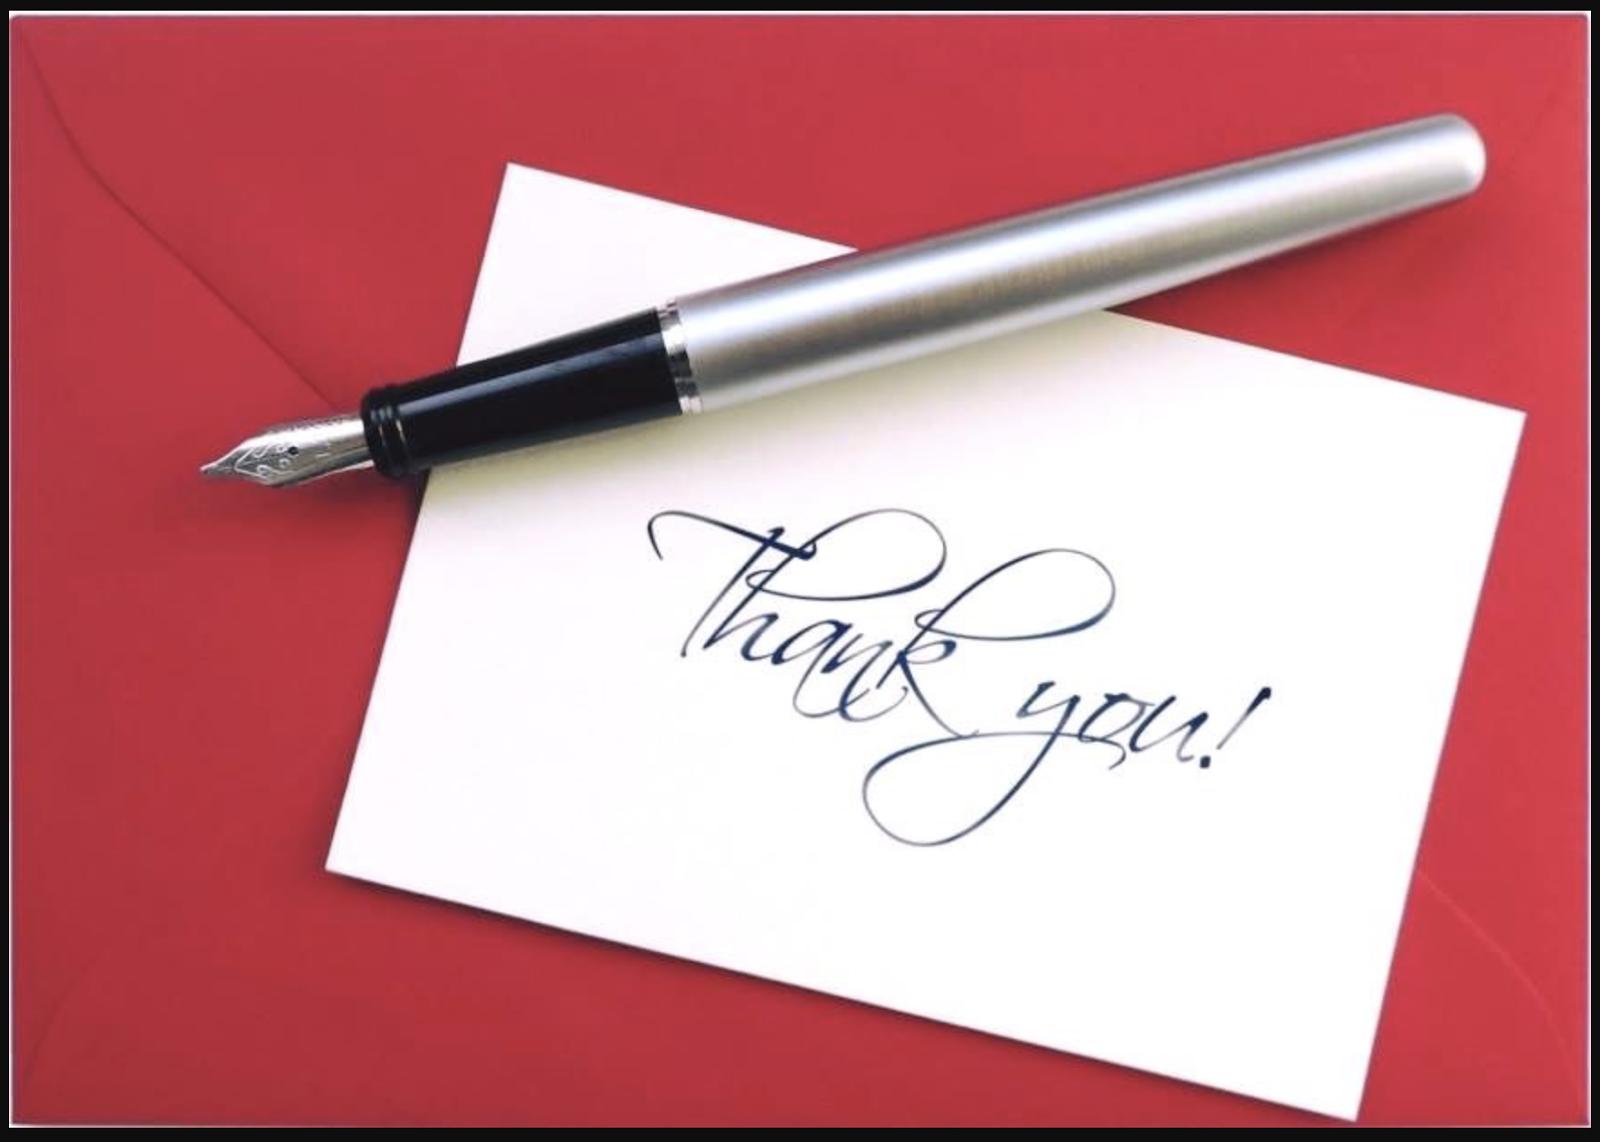 Cách viết thư cảm ơn đúng chuẩn nhất